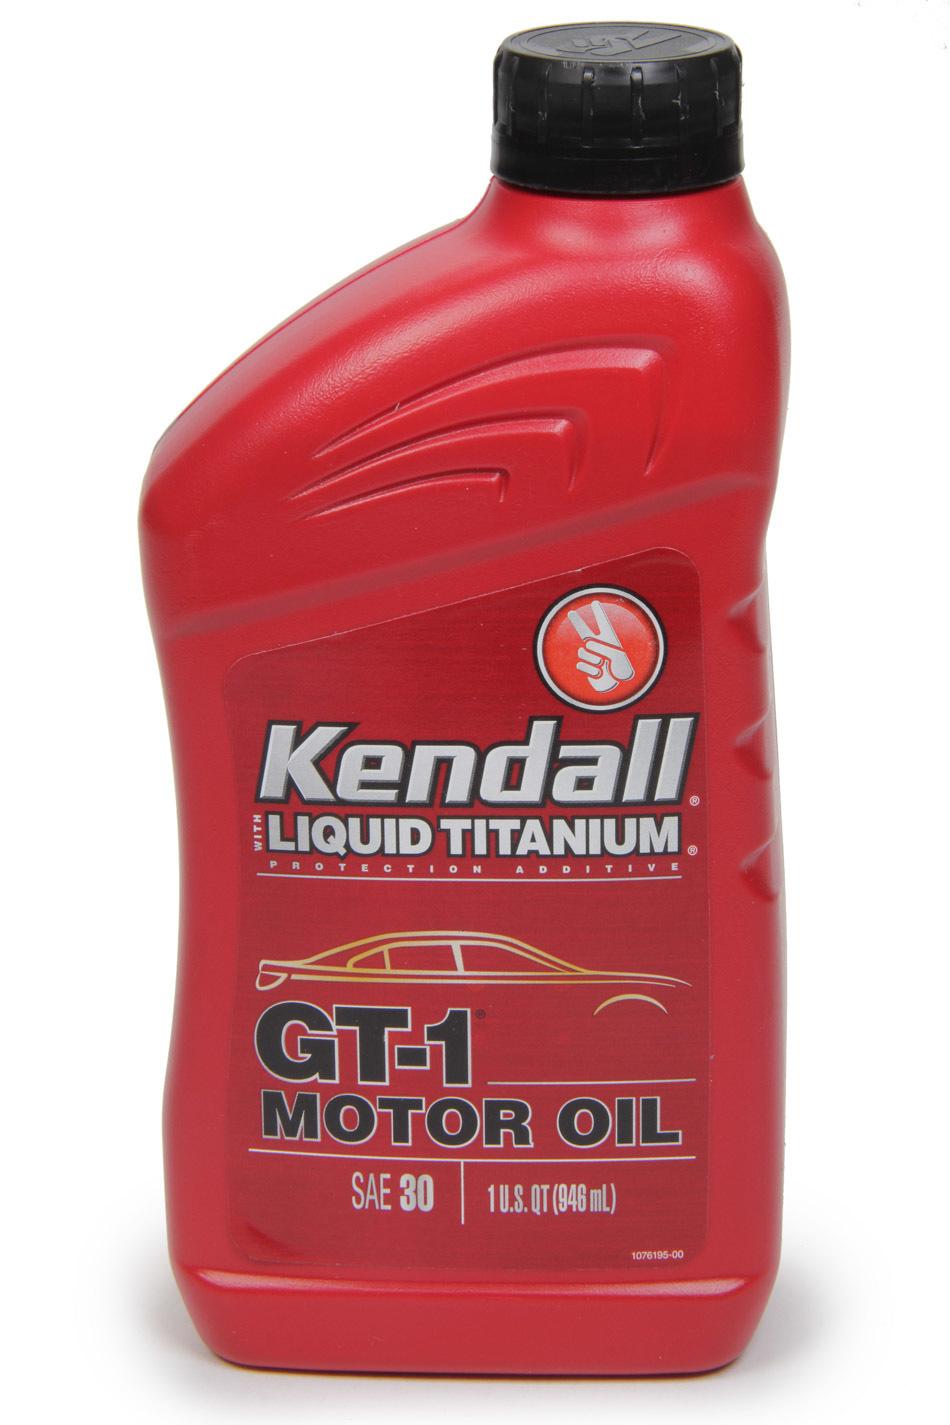 Kendall 30w Gt-1 Hi Perf Oil 1qt